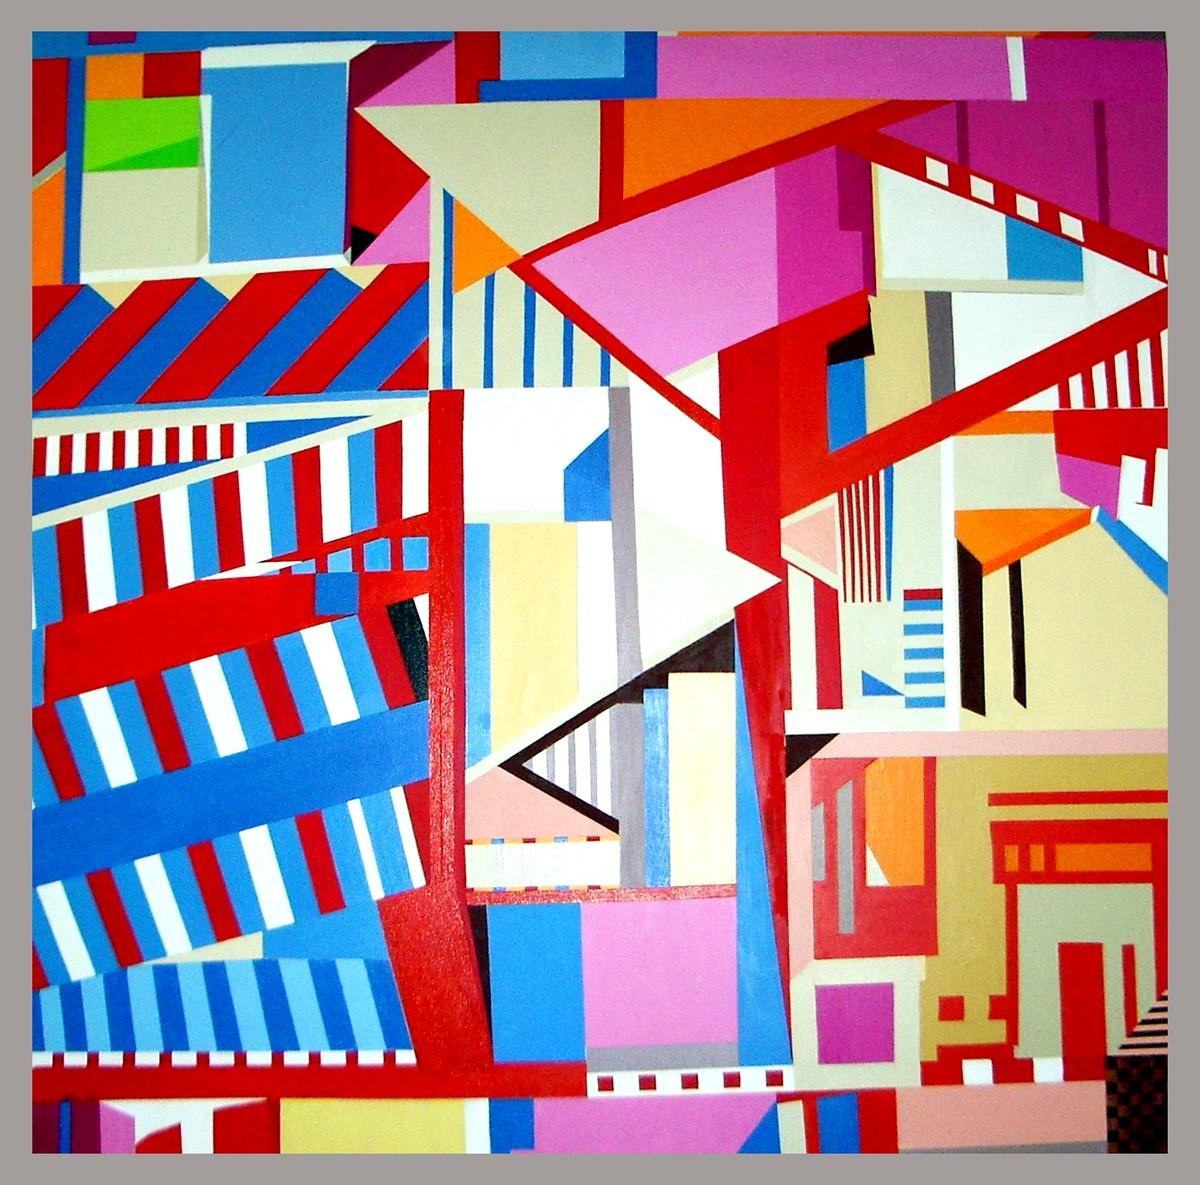 Cityscape IV Digital Print by Ritu Aggarwal,Geometrical